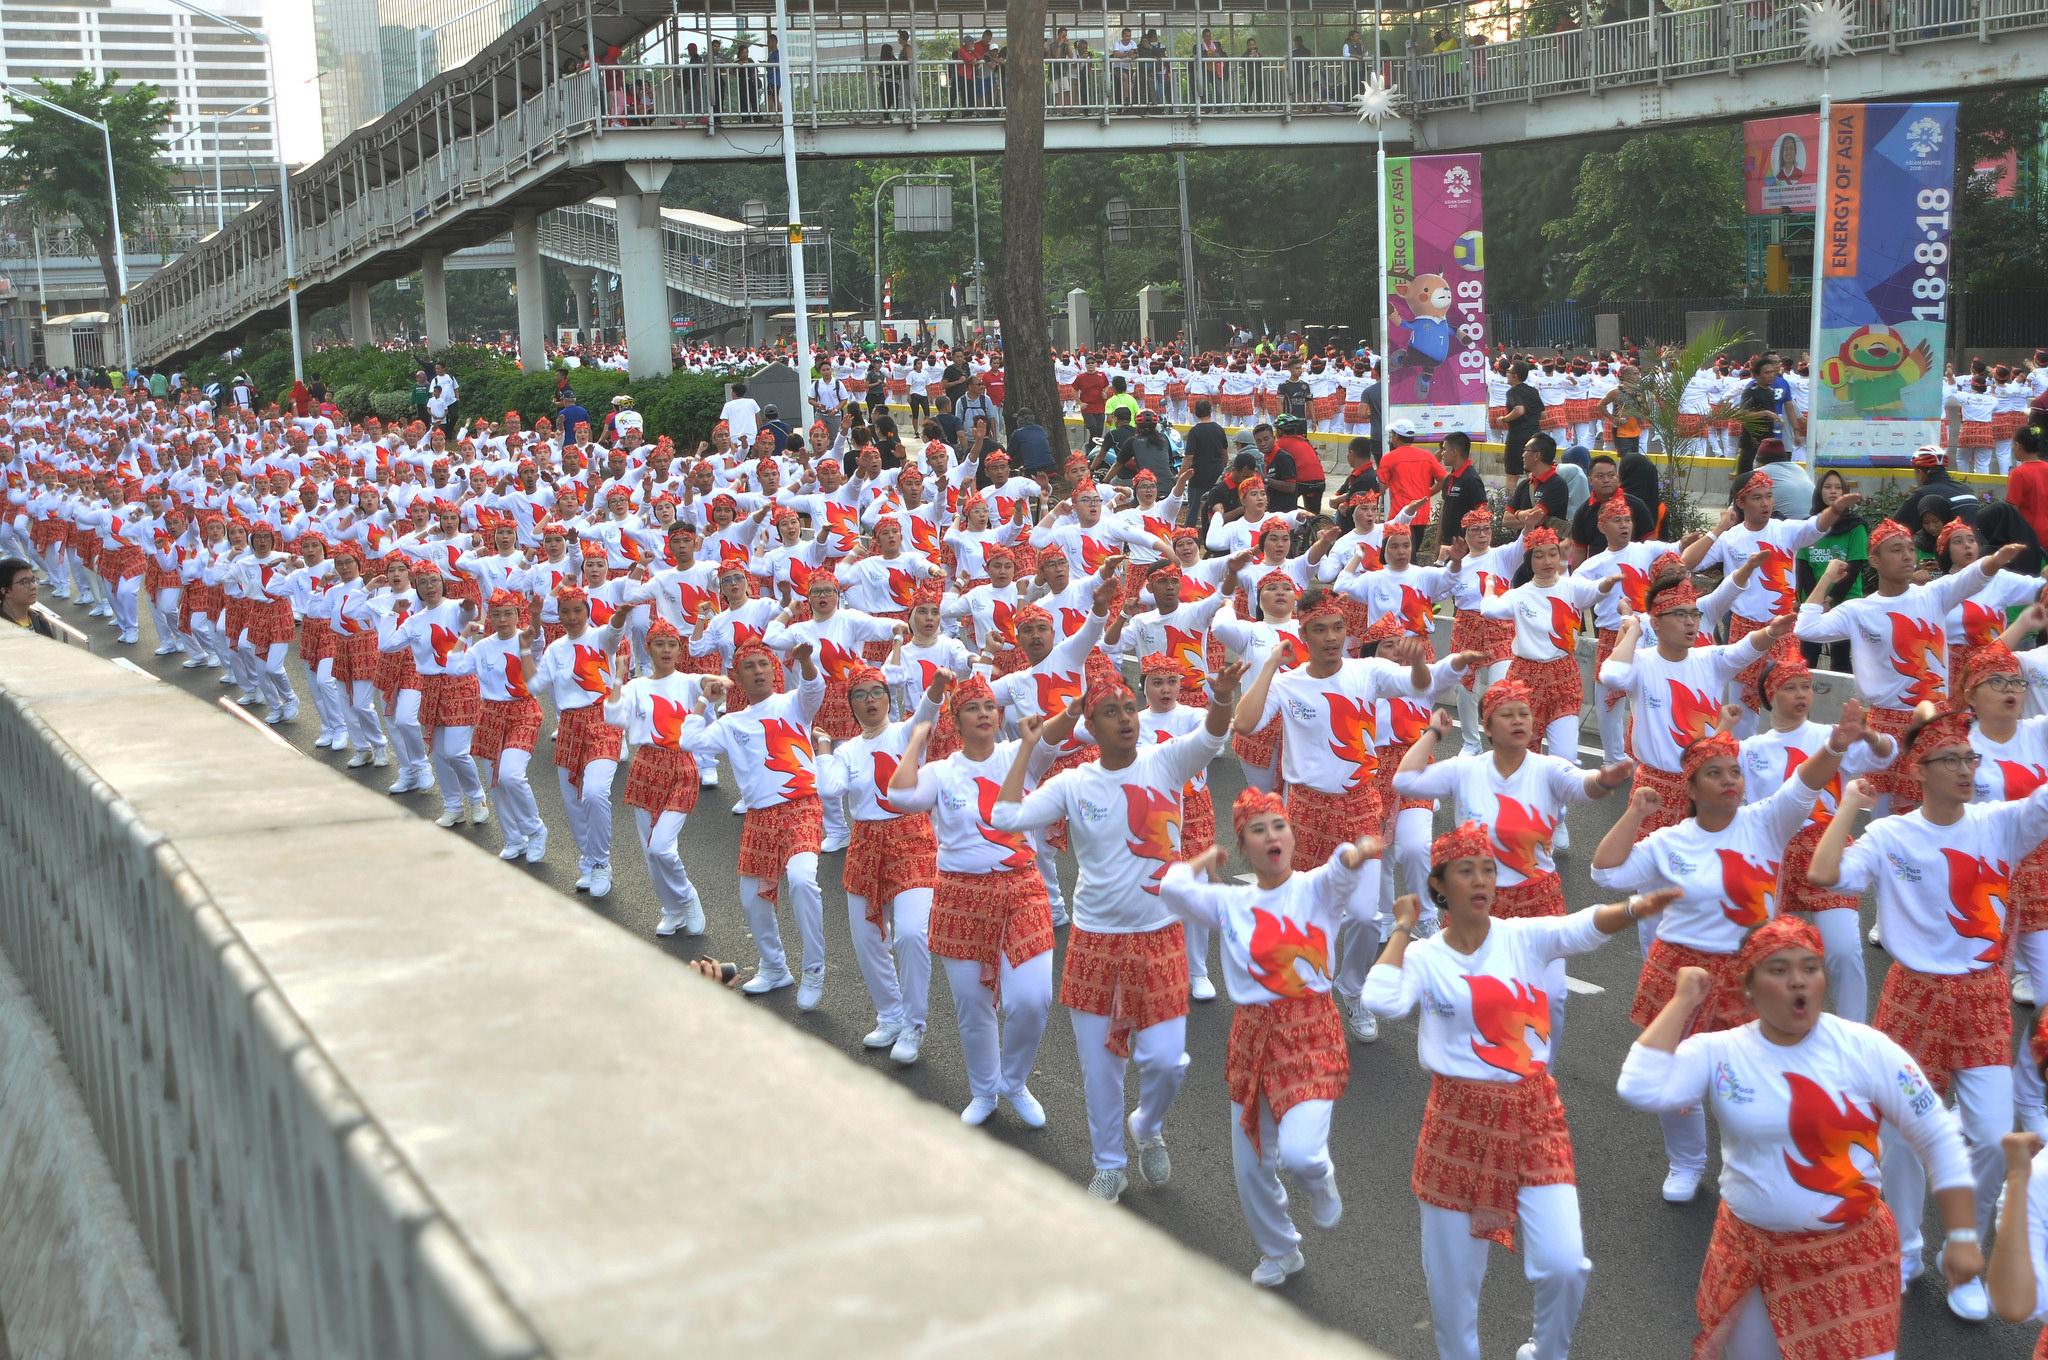 Dokumentasi pemecahan rekor dunia Tari Poco Poc Terbesar pada acara Car Free Day ASEAN | Foto : ASEAN